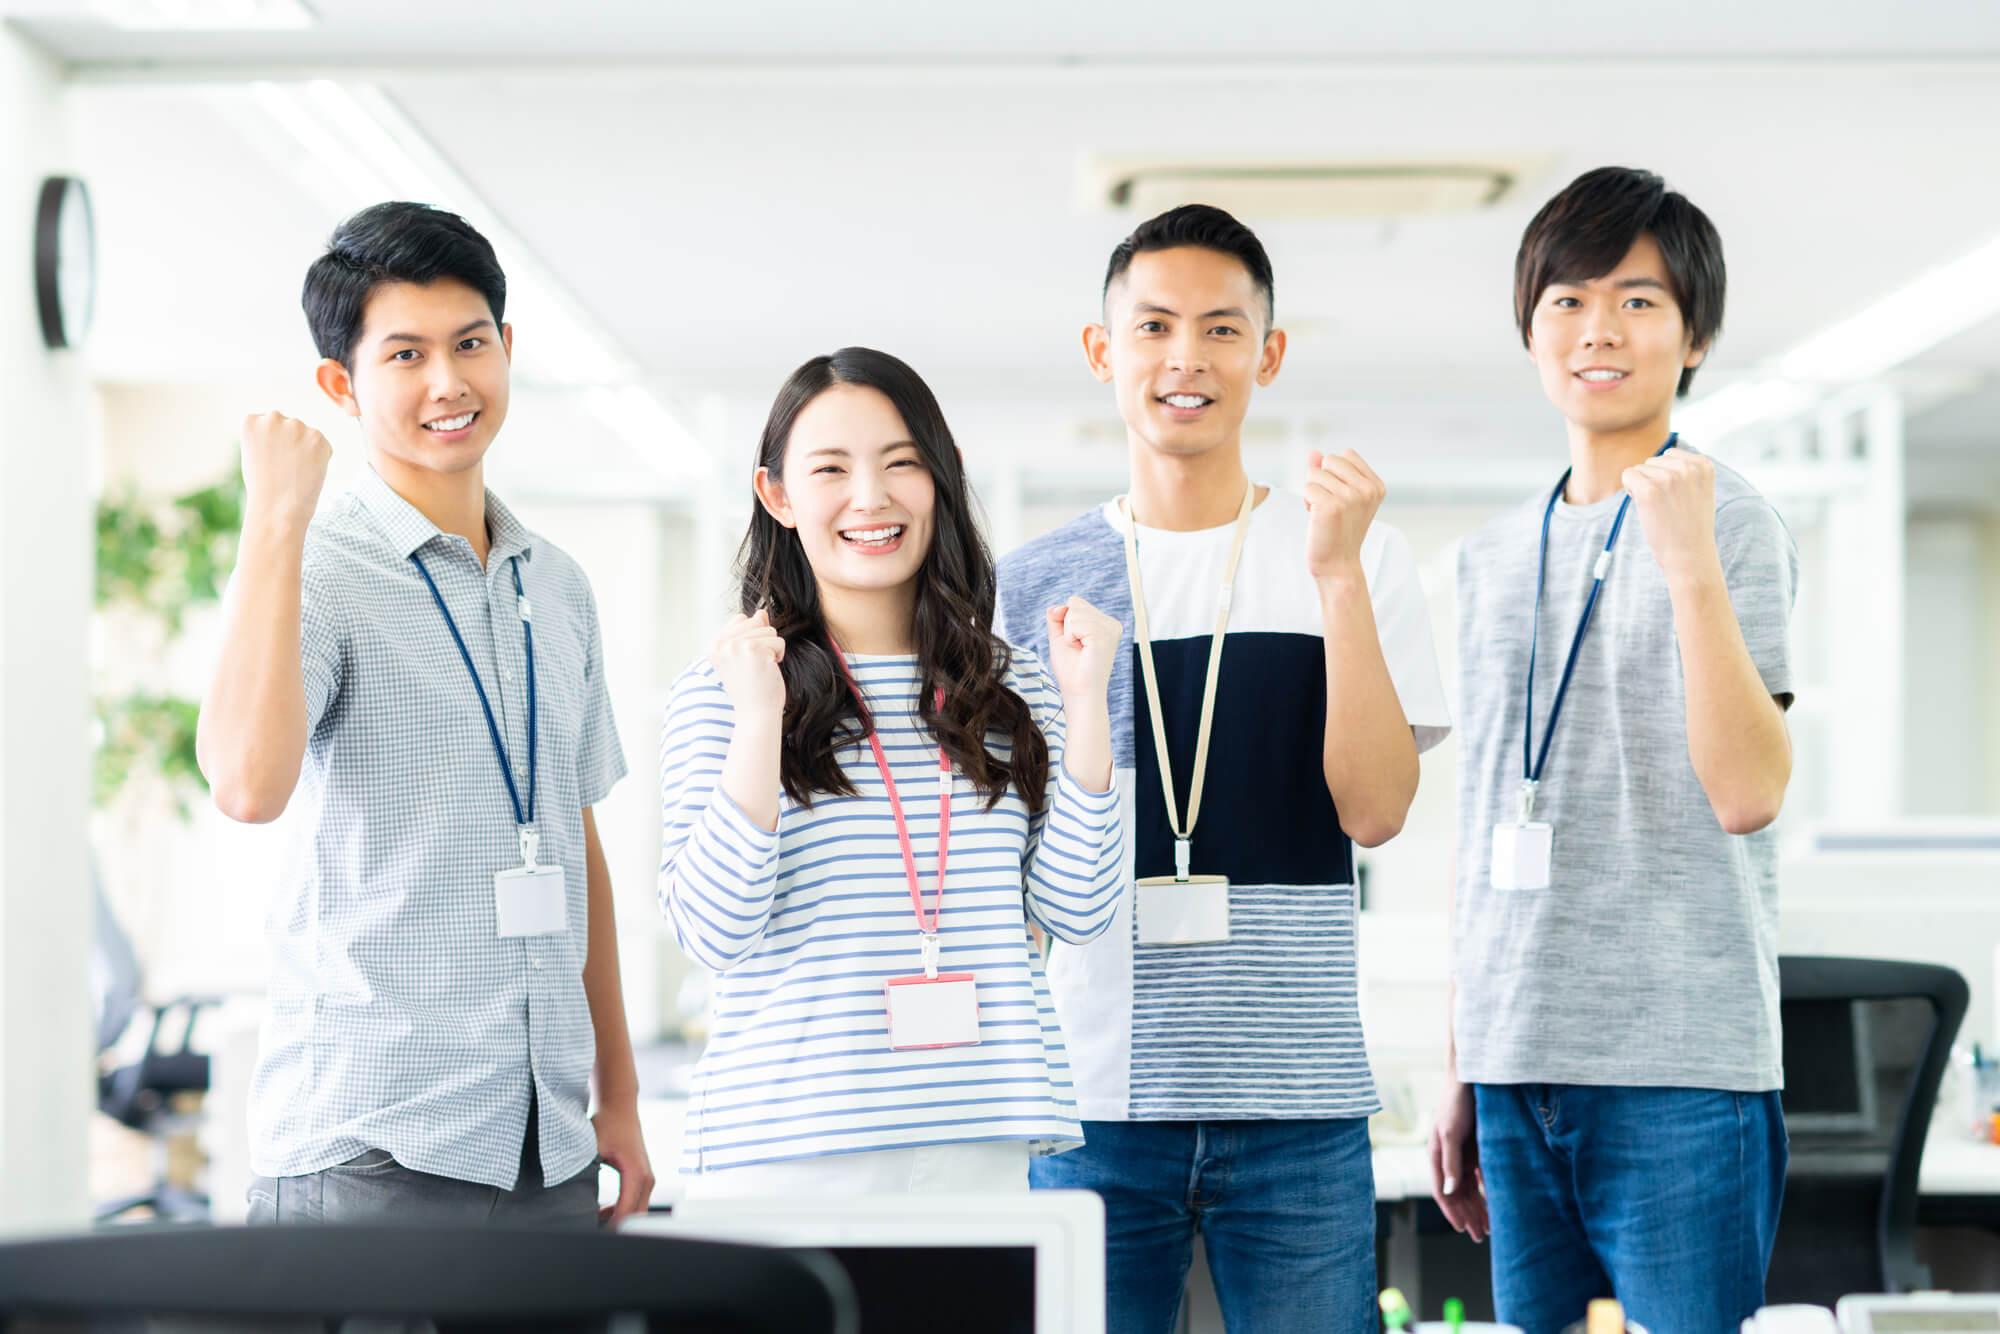 目標管理を導入することで得られる 3 つのメリット